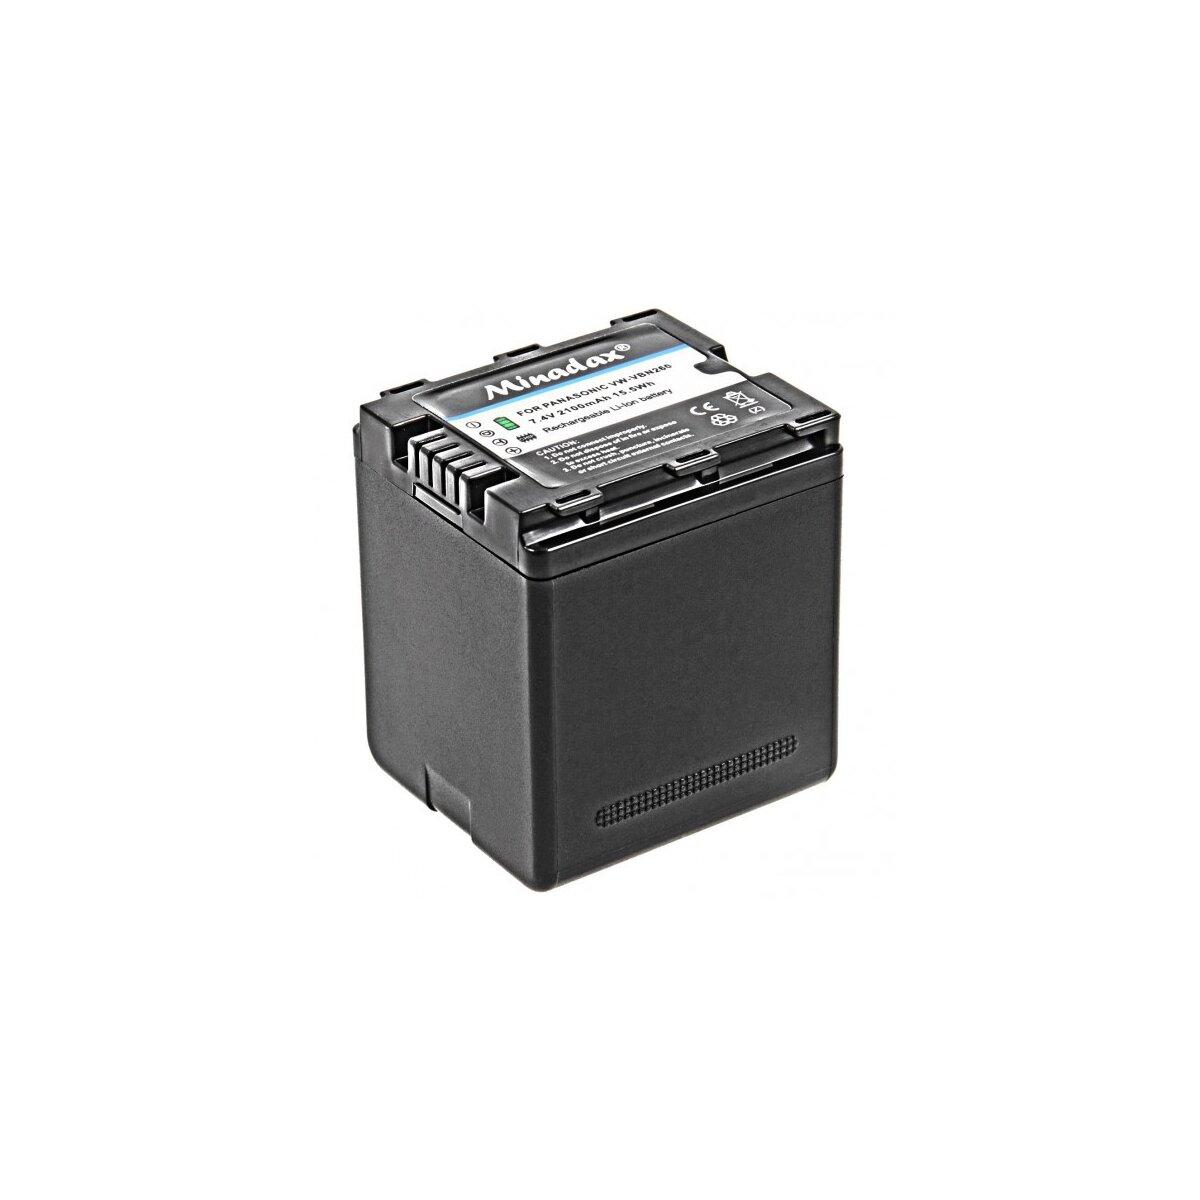 Minadax® Qualitaetsakku mit echten 2100 mAh fuer Panasonic HDC SD800 SD900 SD909 TM900 HS900  HC X929 X810 X909 X900 X800, wie VW VBN260 - Intelligentes Akkusystem mit Chip